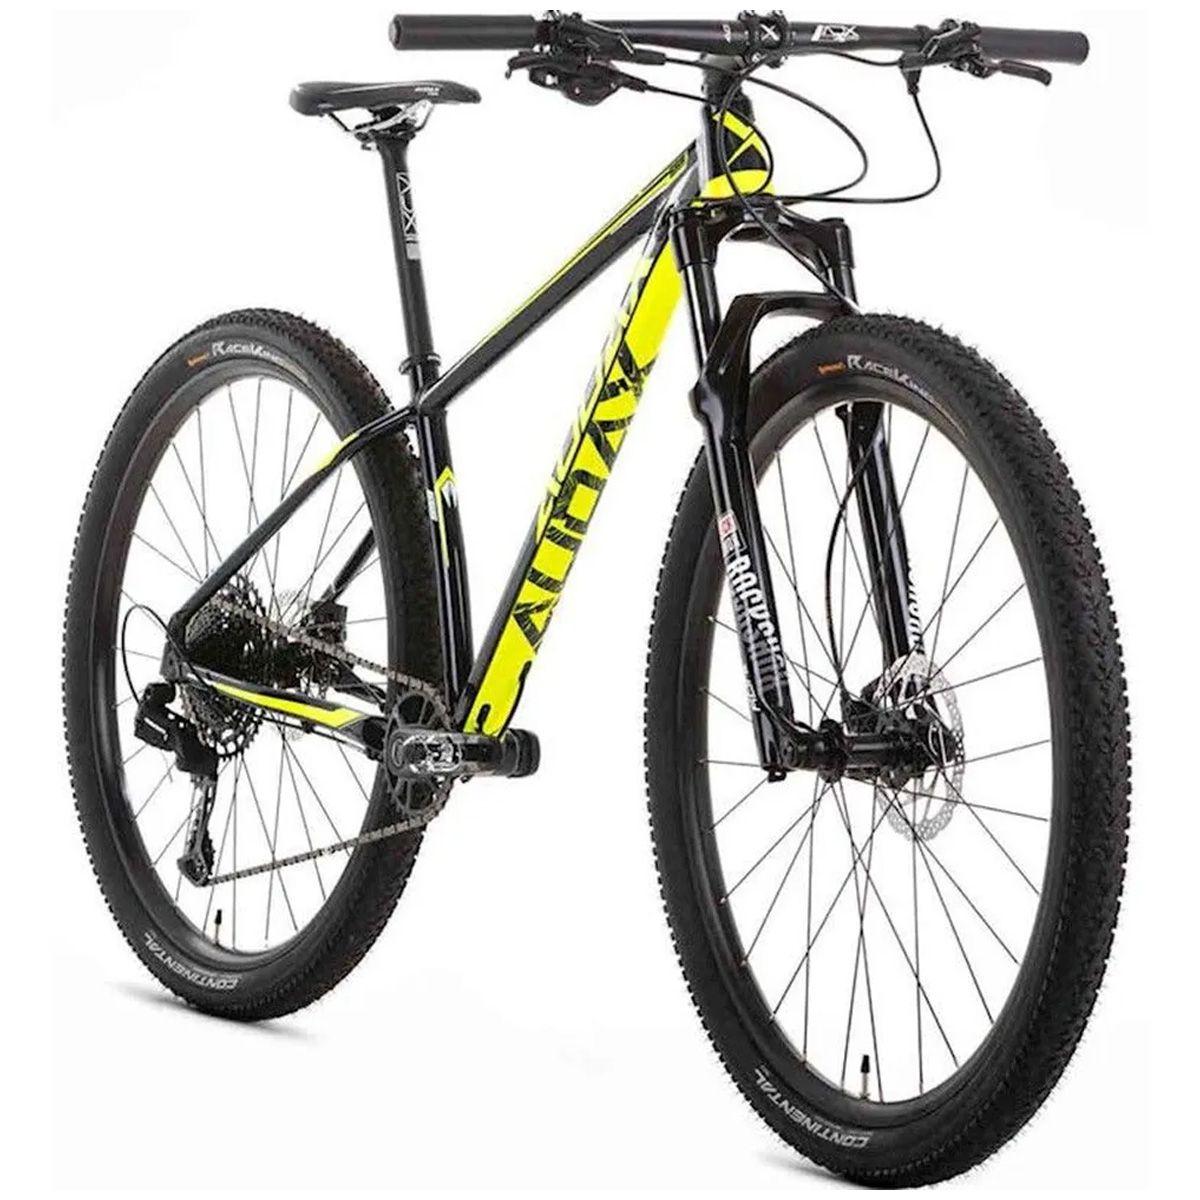 Bicicleta Audax Auge 555 Sram SX 12 Velocidades 2020 Tamanho 17